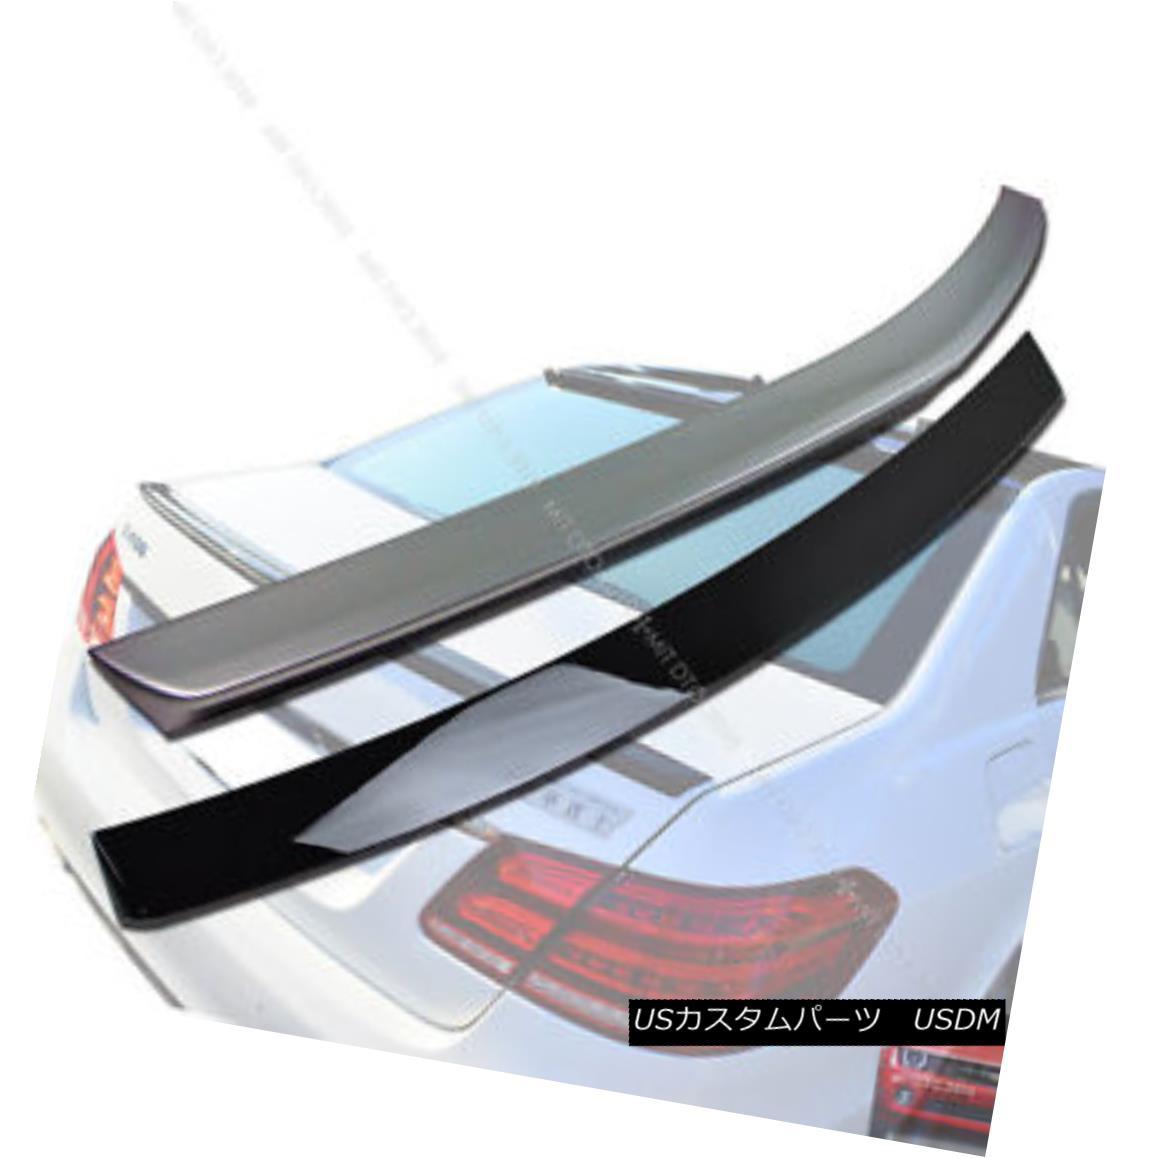 エアロパーツ Painted Mercedes Benz W212 Sedan OE Roof Spoiler + A Trunk Spoiler E350 塗装メルセデスベンツW212セダンOEルーフスポイラー+トランクスポイラーE350